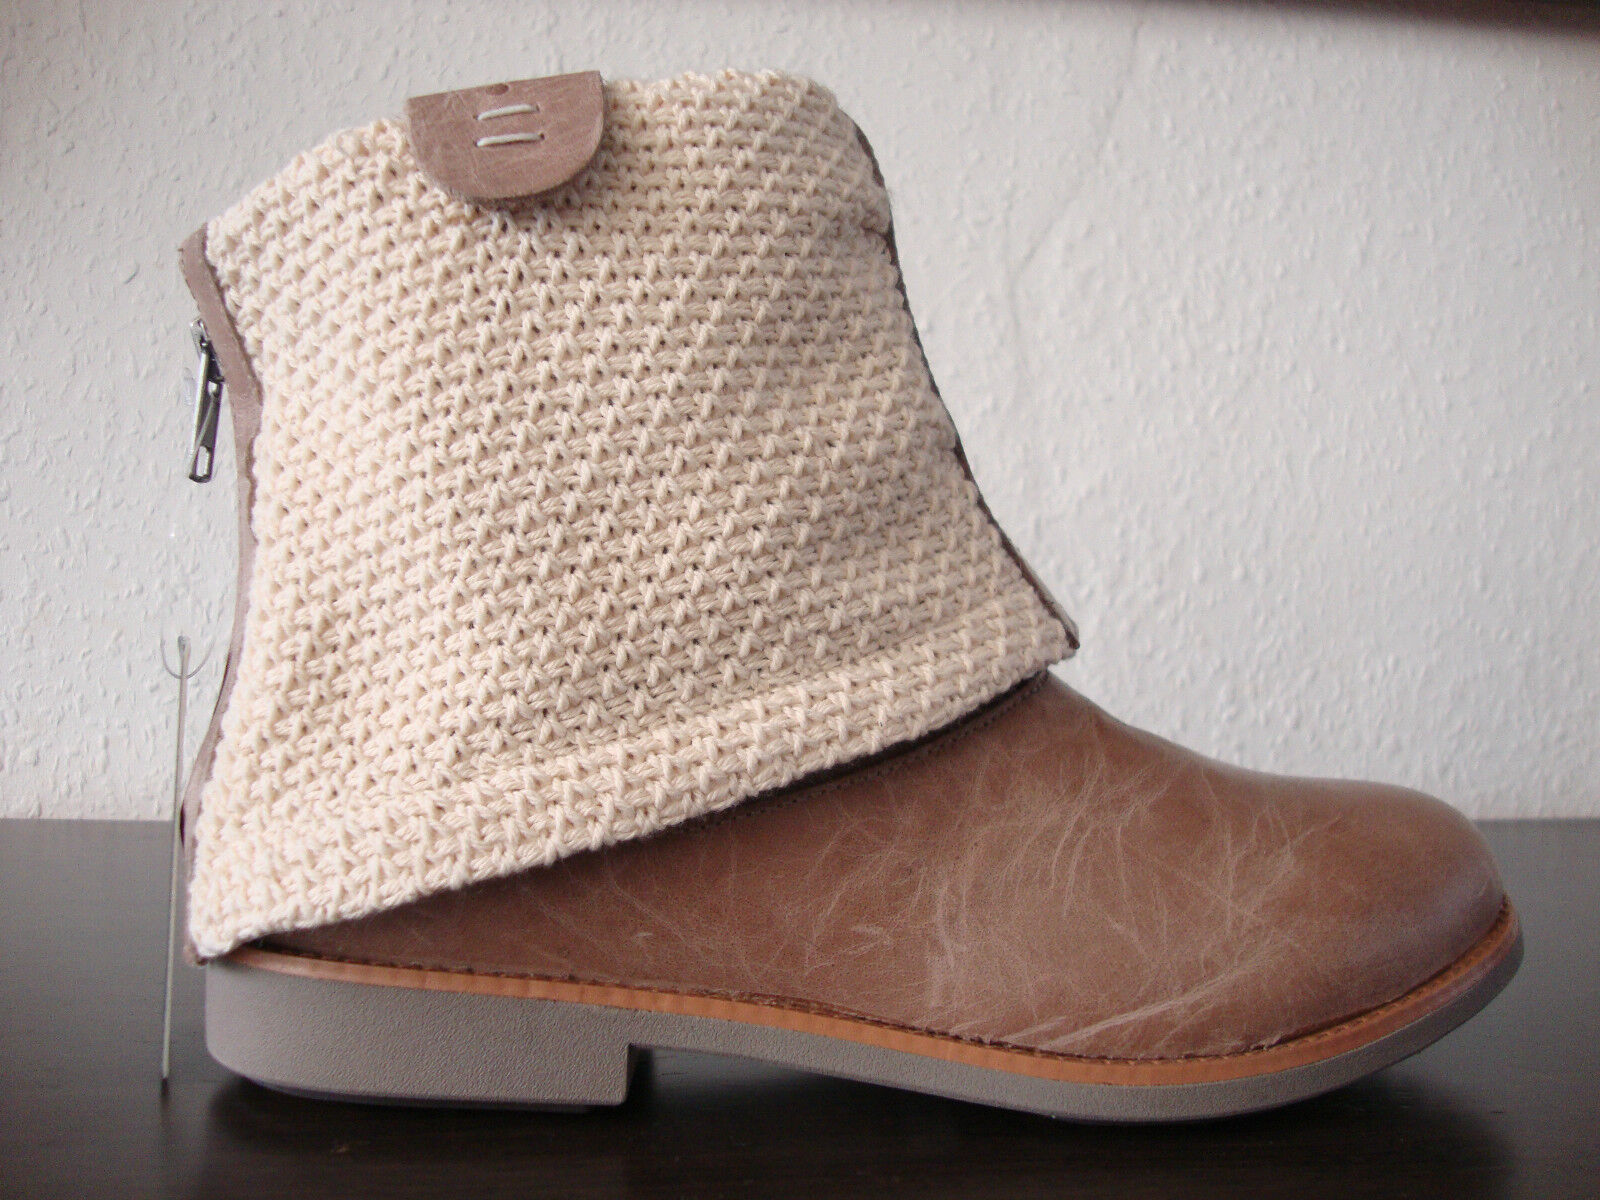 EMU AUSTRALIA WILLANDRA Cukka W11059 Stiefel Beige Damen Cukka WILLANDRA Leder Schuhe Gr.37 NEU 1c67e9